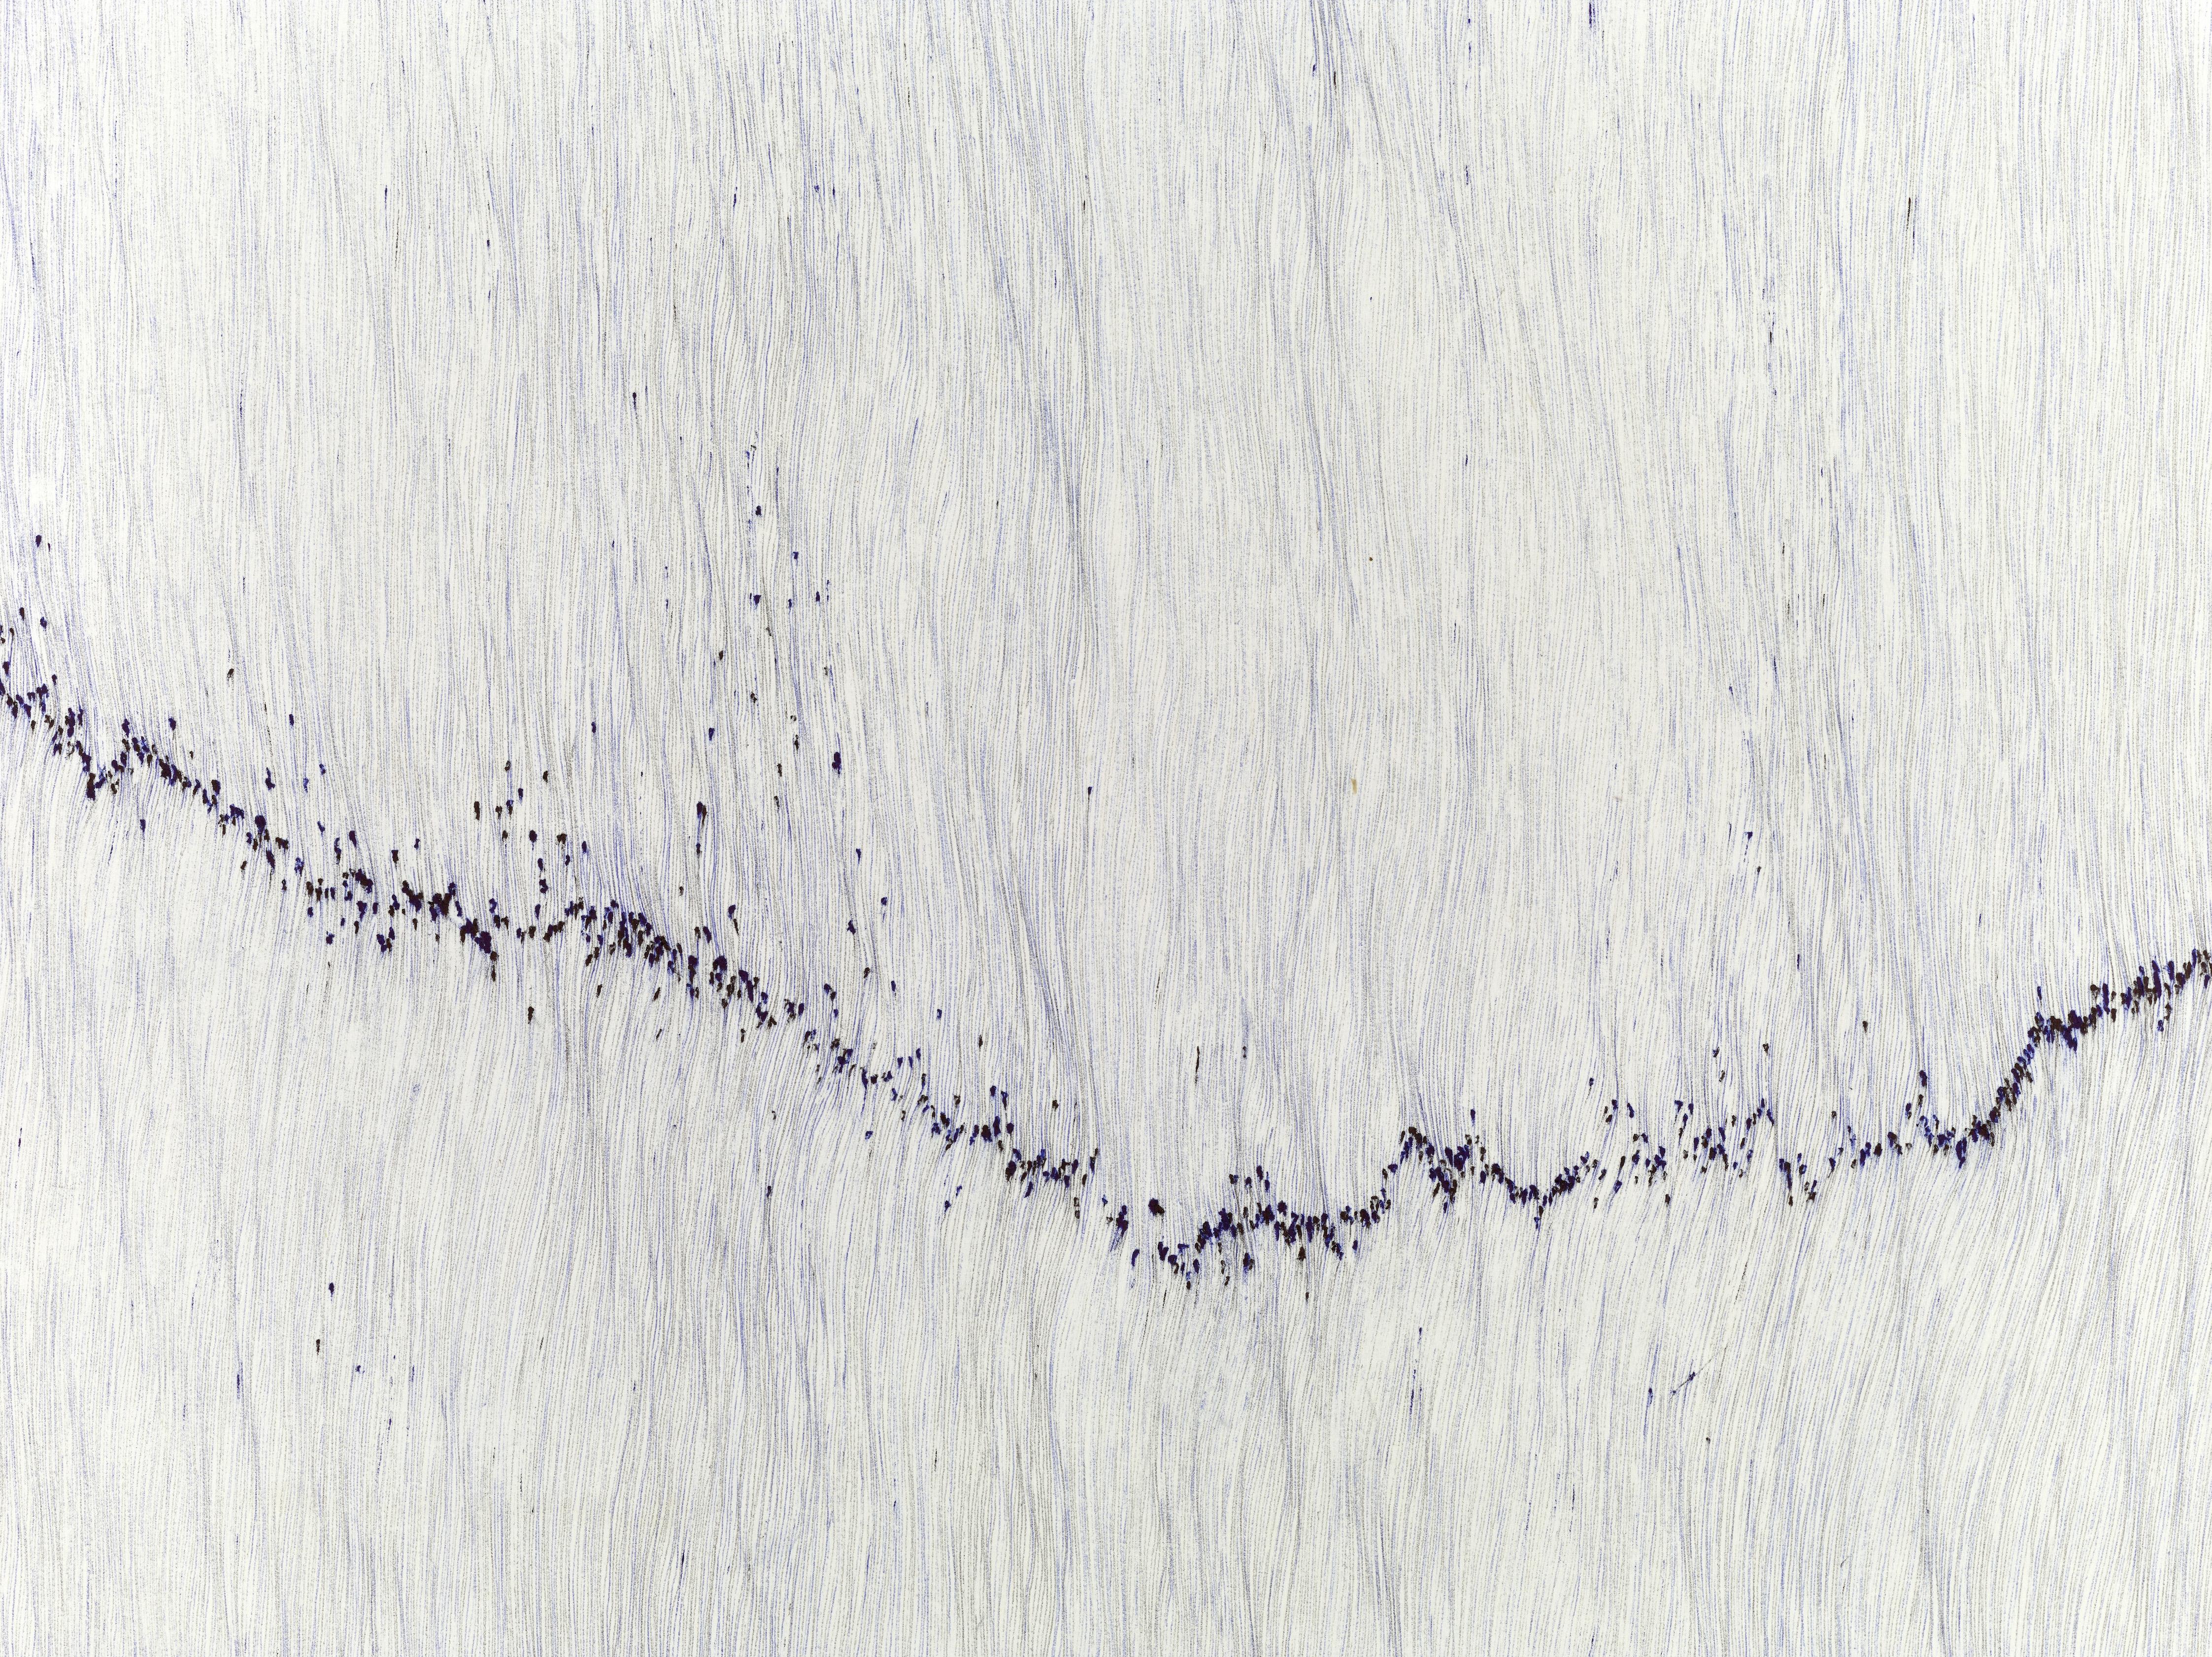 124b-a-rhythm-of-landscape-10-detail-1